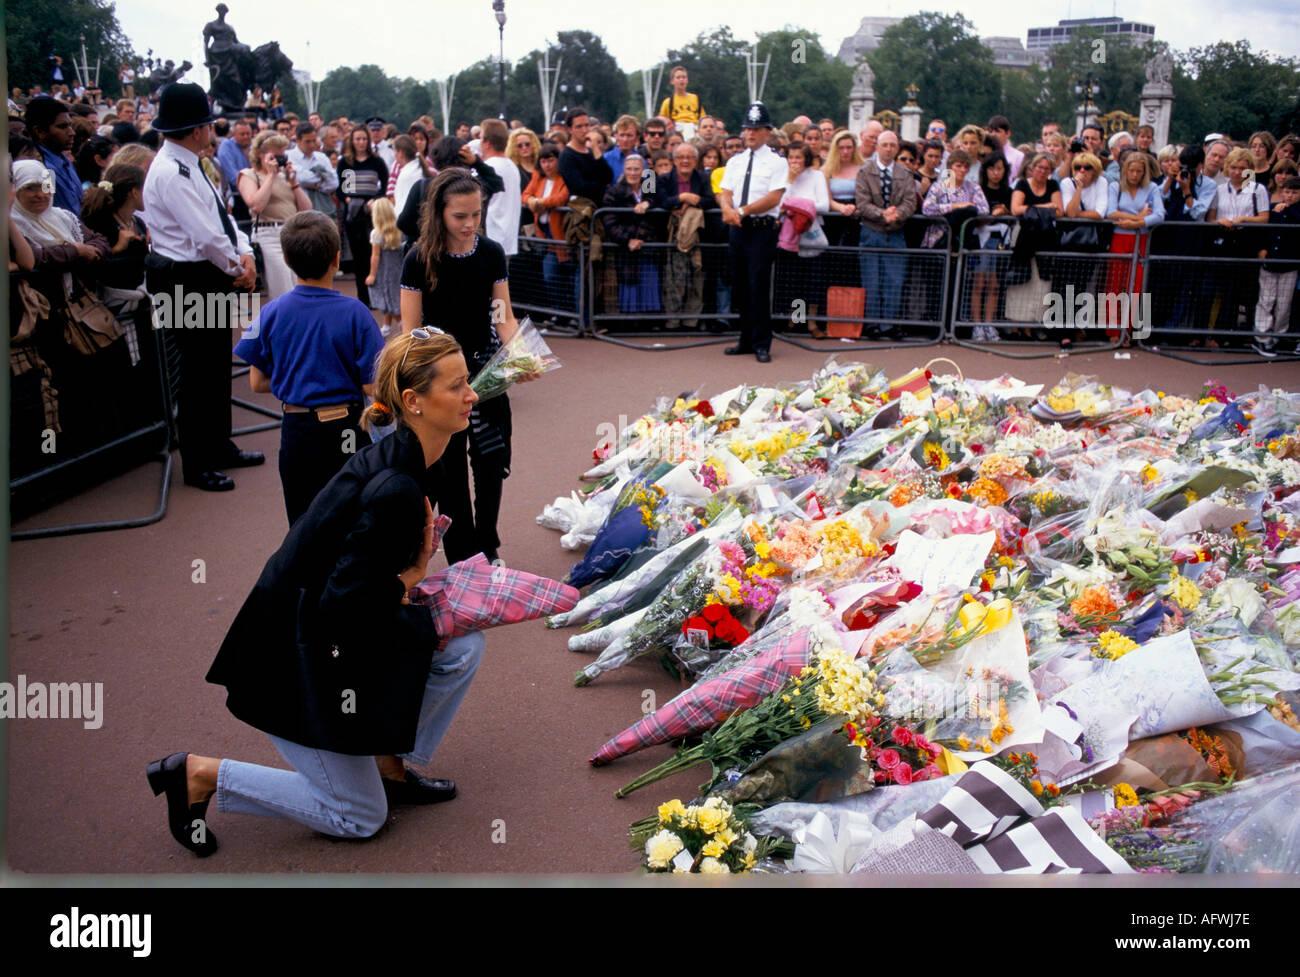 Buckingham Palace Londra Settembre 1997 UK morte Diana Principessa di Galles fiori a sinistra come un omaggio floreale per la sua esposizione in pubblico di dolore HOMER SYKES Immagini Stock